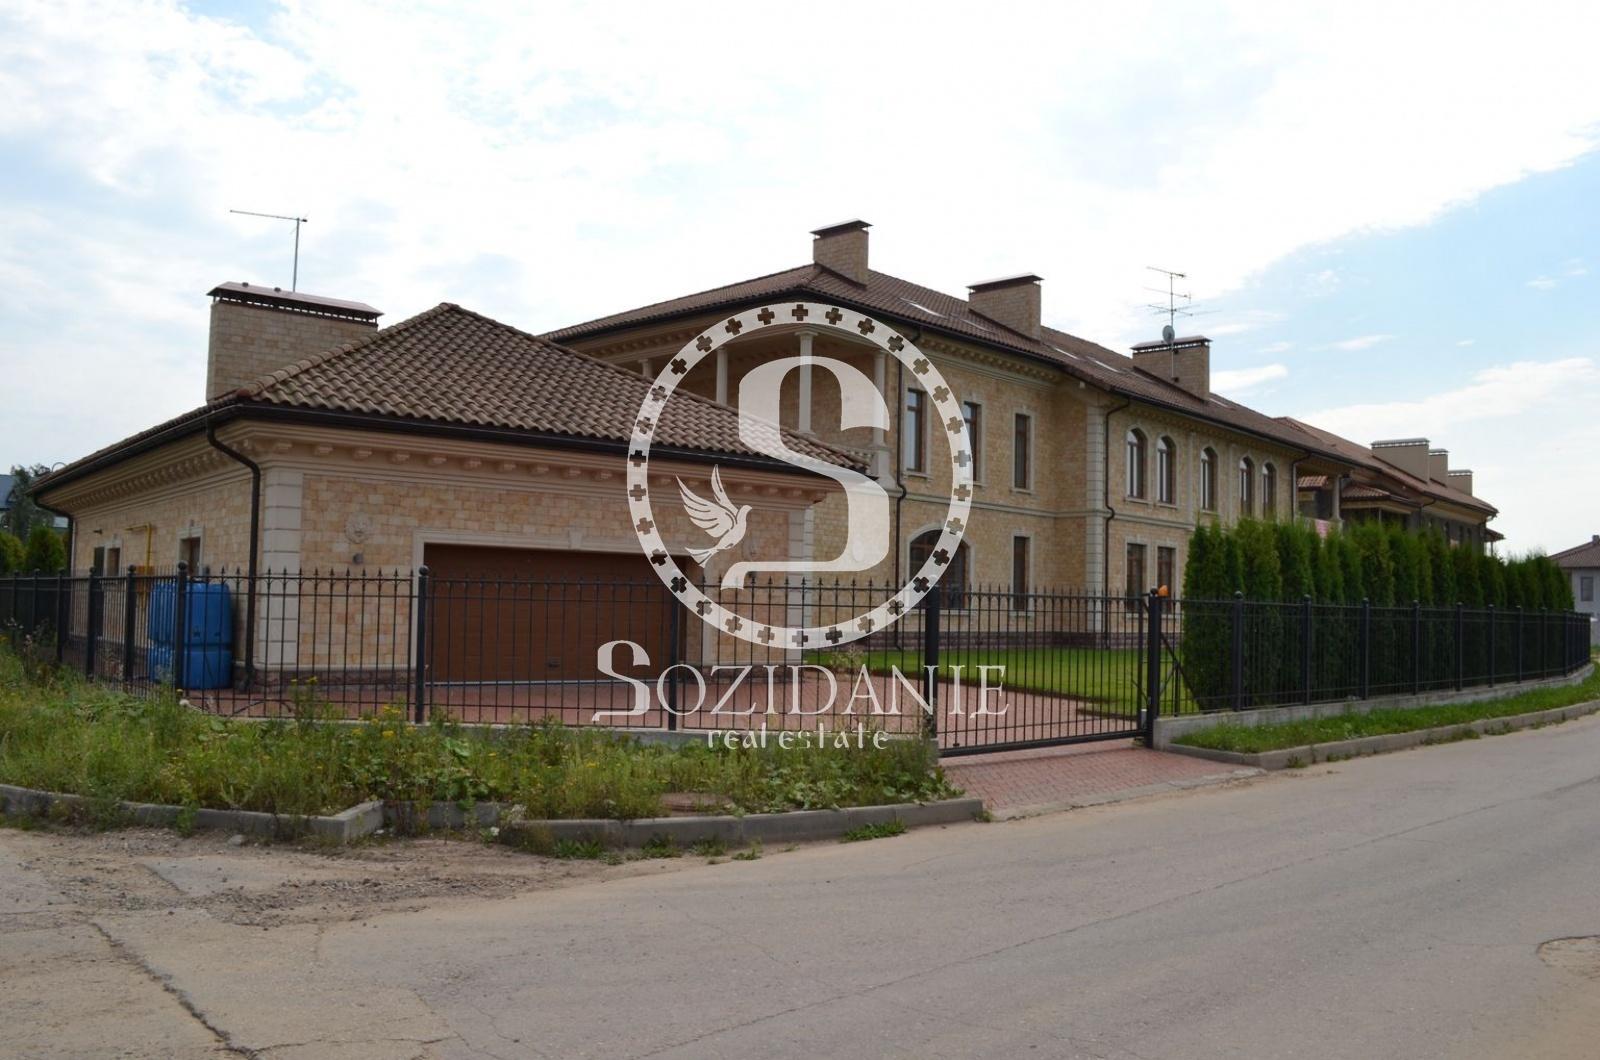 7 Bedrooms, Загородная, Продажа, Listing ID 1530, Московская область, Россия,